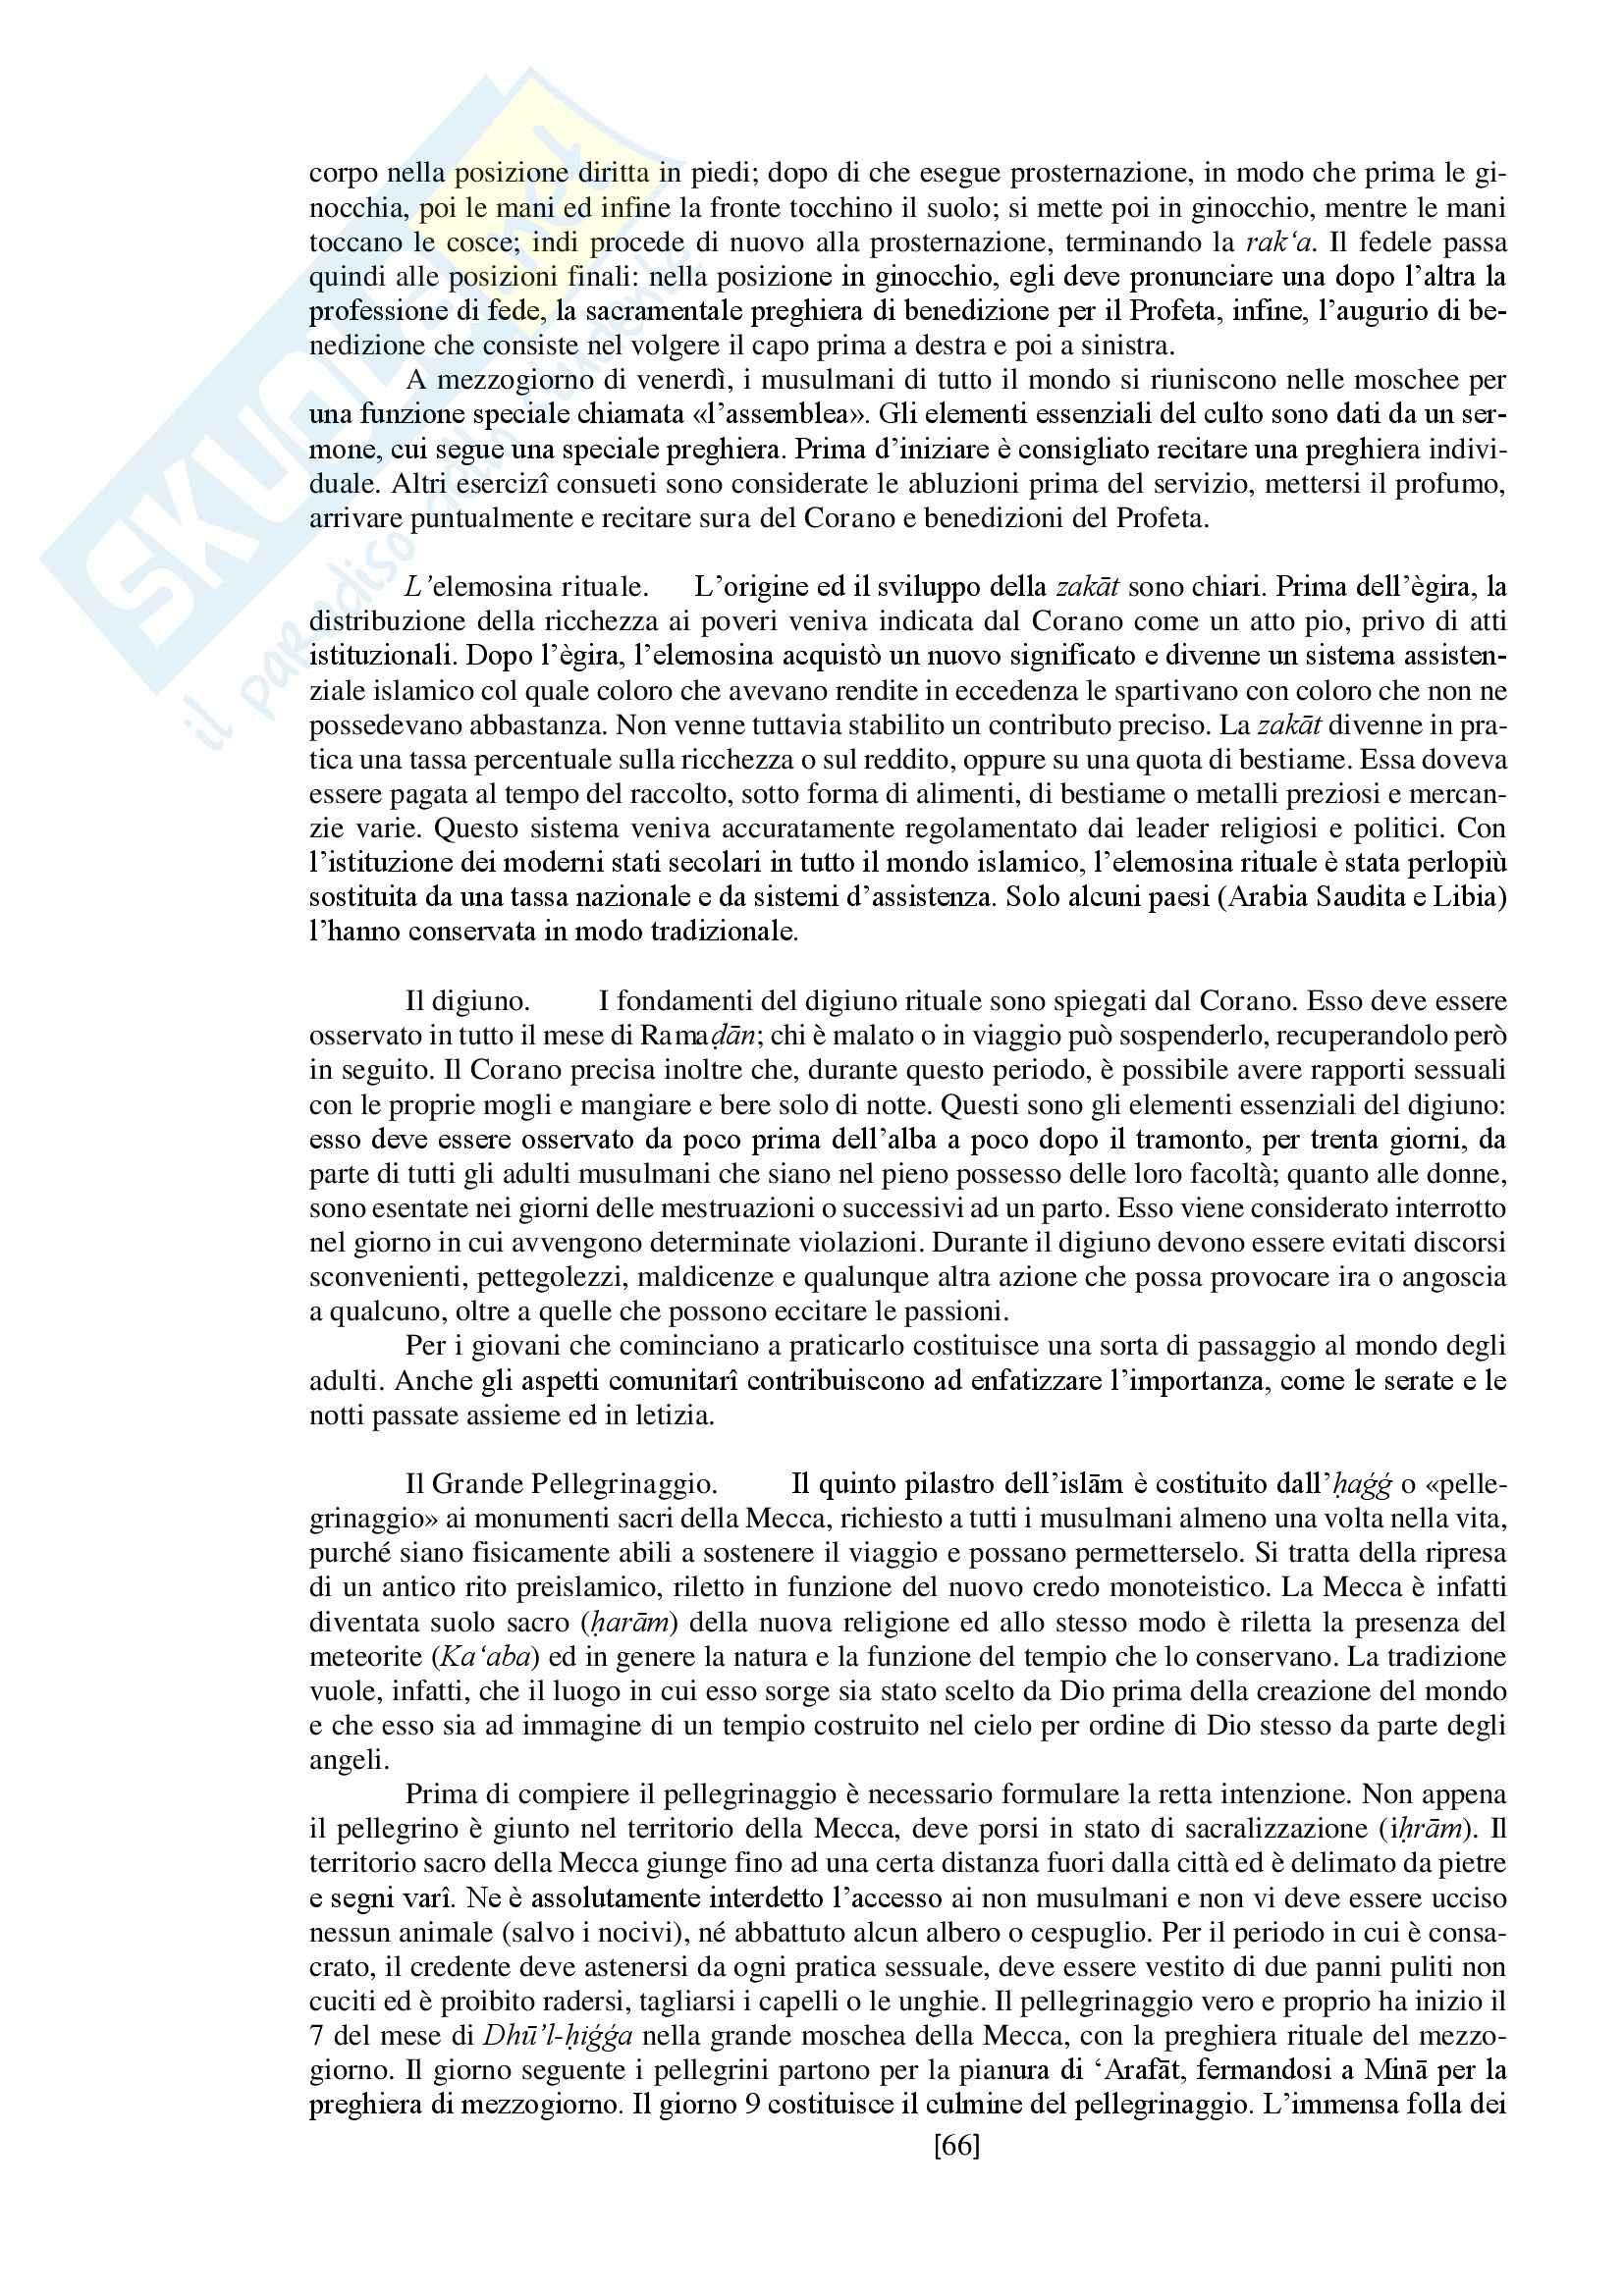 """Riassunto esame storia delle religioni, prof. Spineto, libro consigliato """"Manuale di storia delle religioni"""" di G. Filoramo, M. Massenzio, M. Raveri, P. Scarpi Pag. 66"""